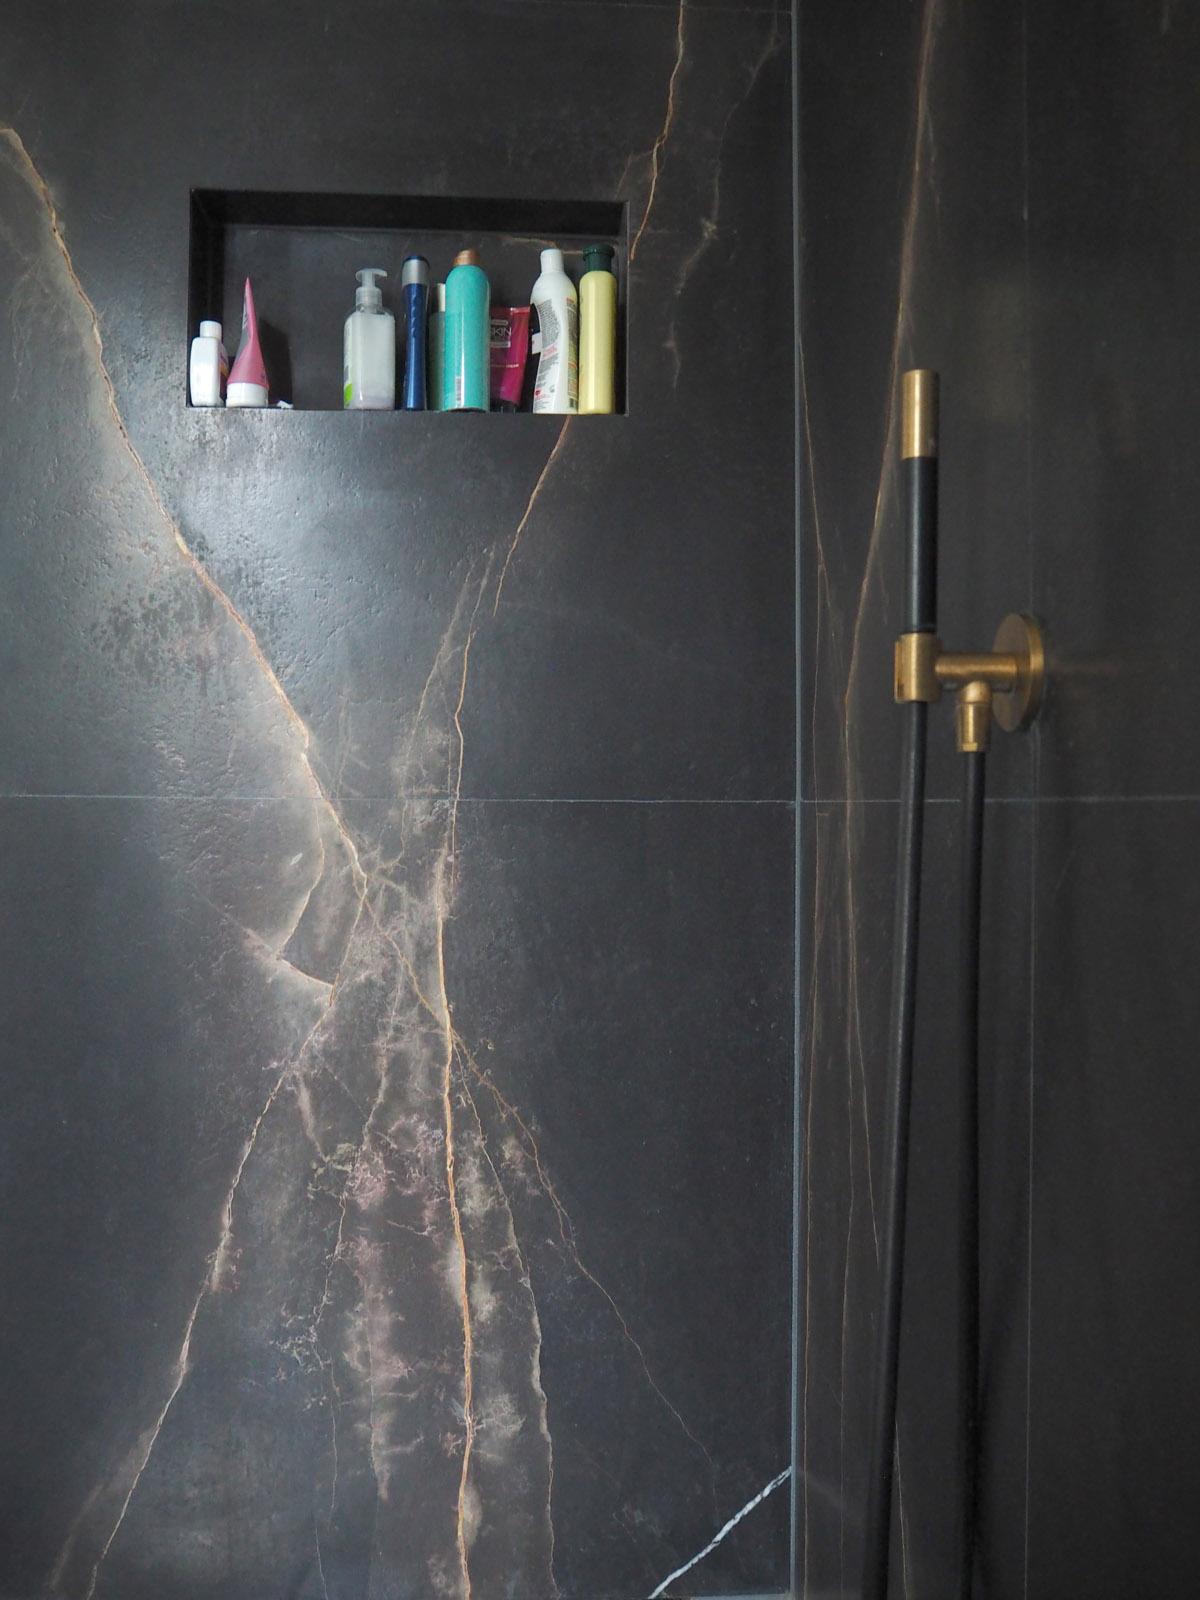 jeroen_de_nijs_ijburg_shower